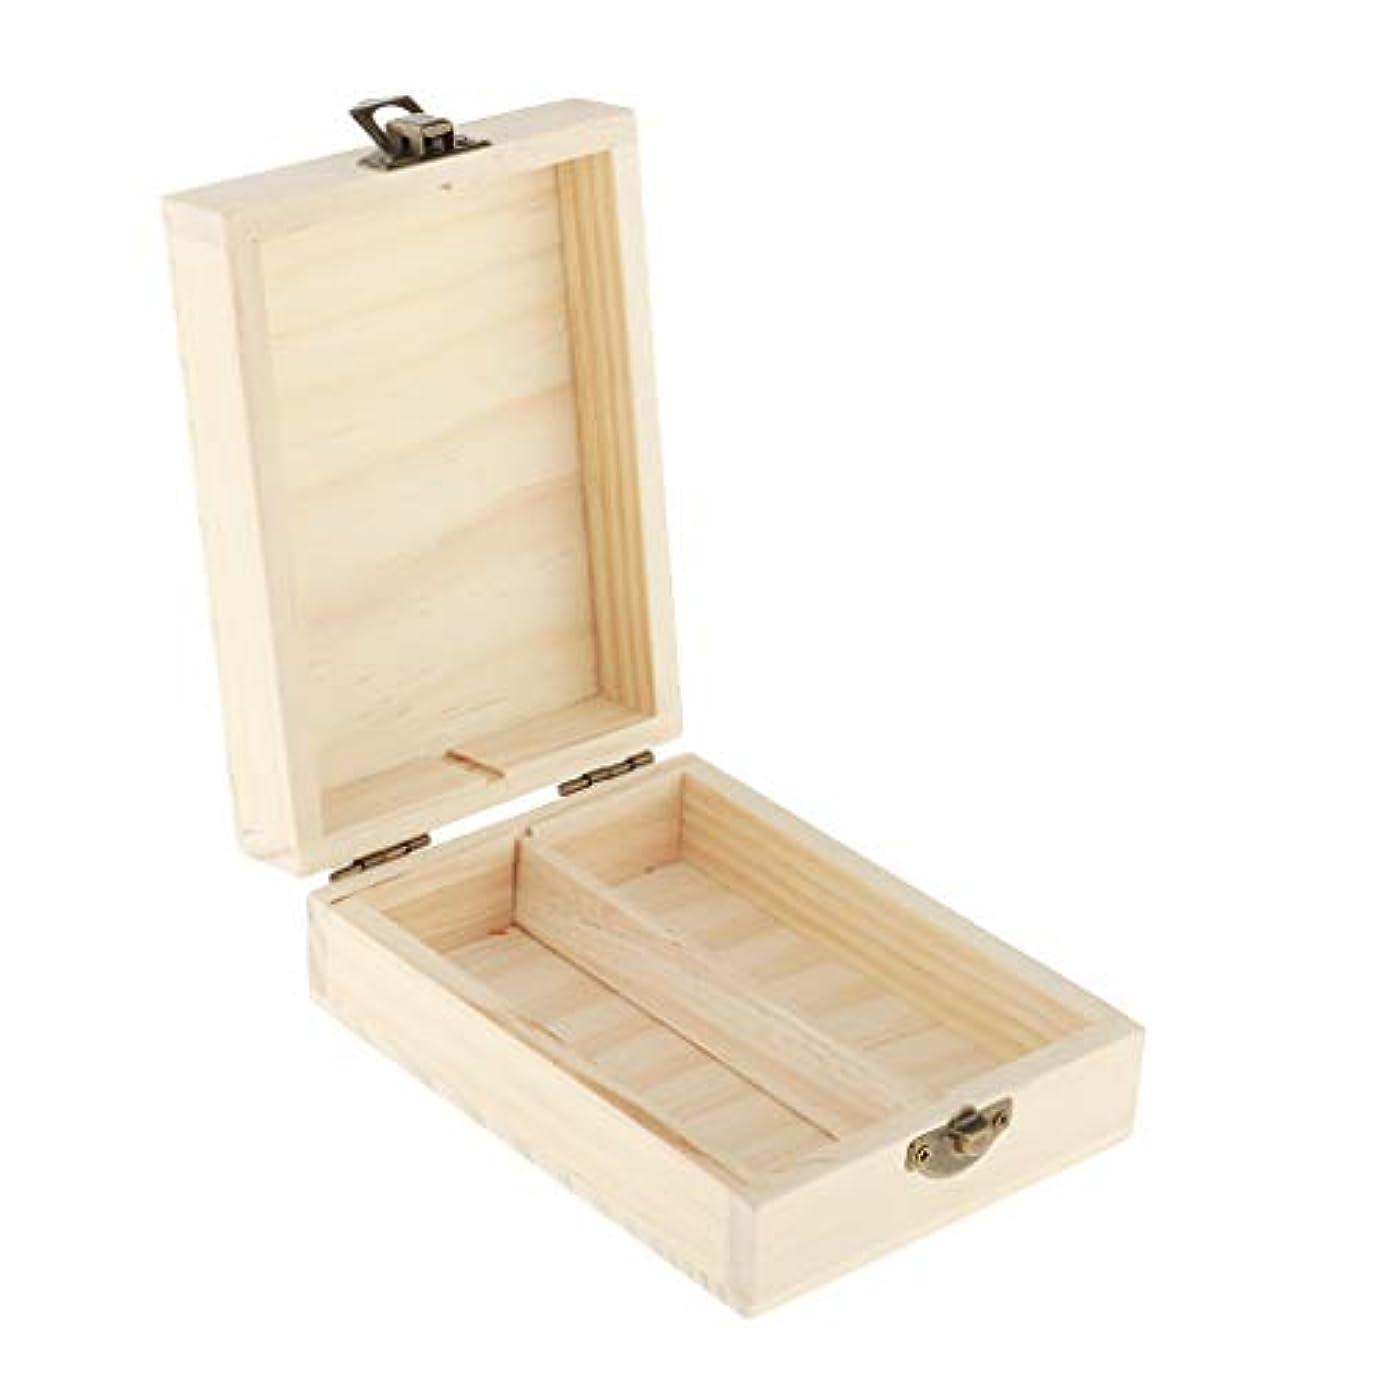 マッサージ拡張彼の精油 収納バッグ エッセンシャルオイル収納ケース 収納袋 木製 キャリングケース 50mlボトル用 携帯用